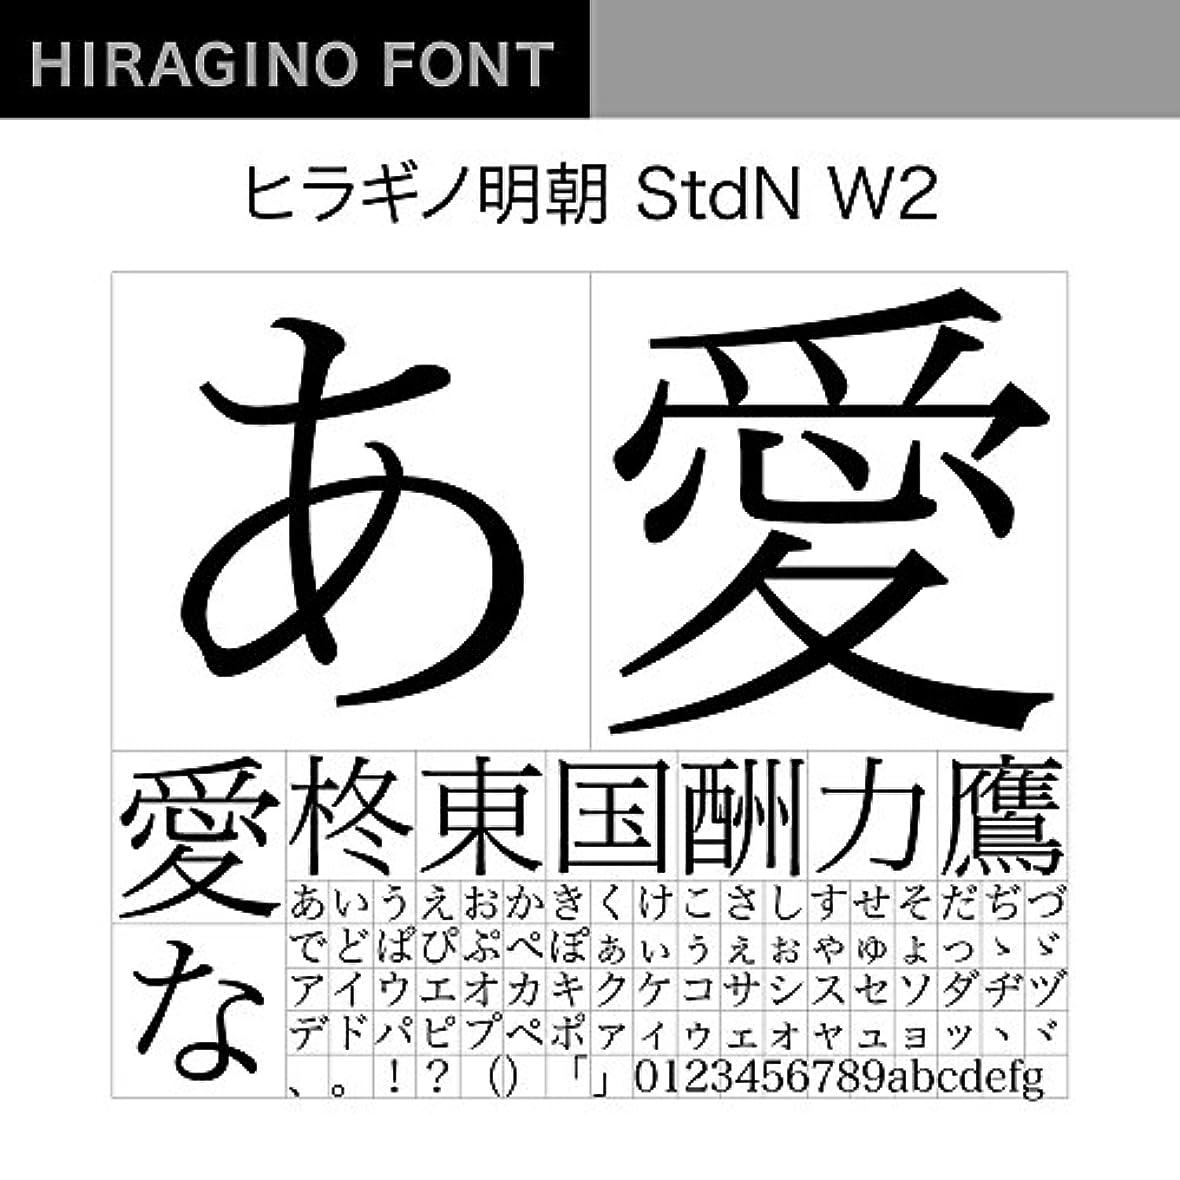 統計クレデンシャルフクロウOpenType ヒラギノ明朝 StdN W2 [ダウンロード]